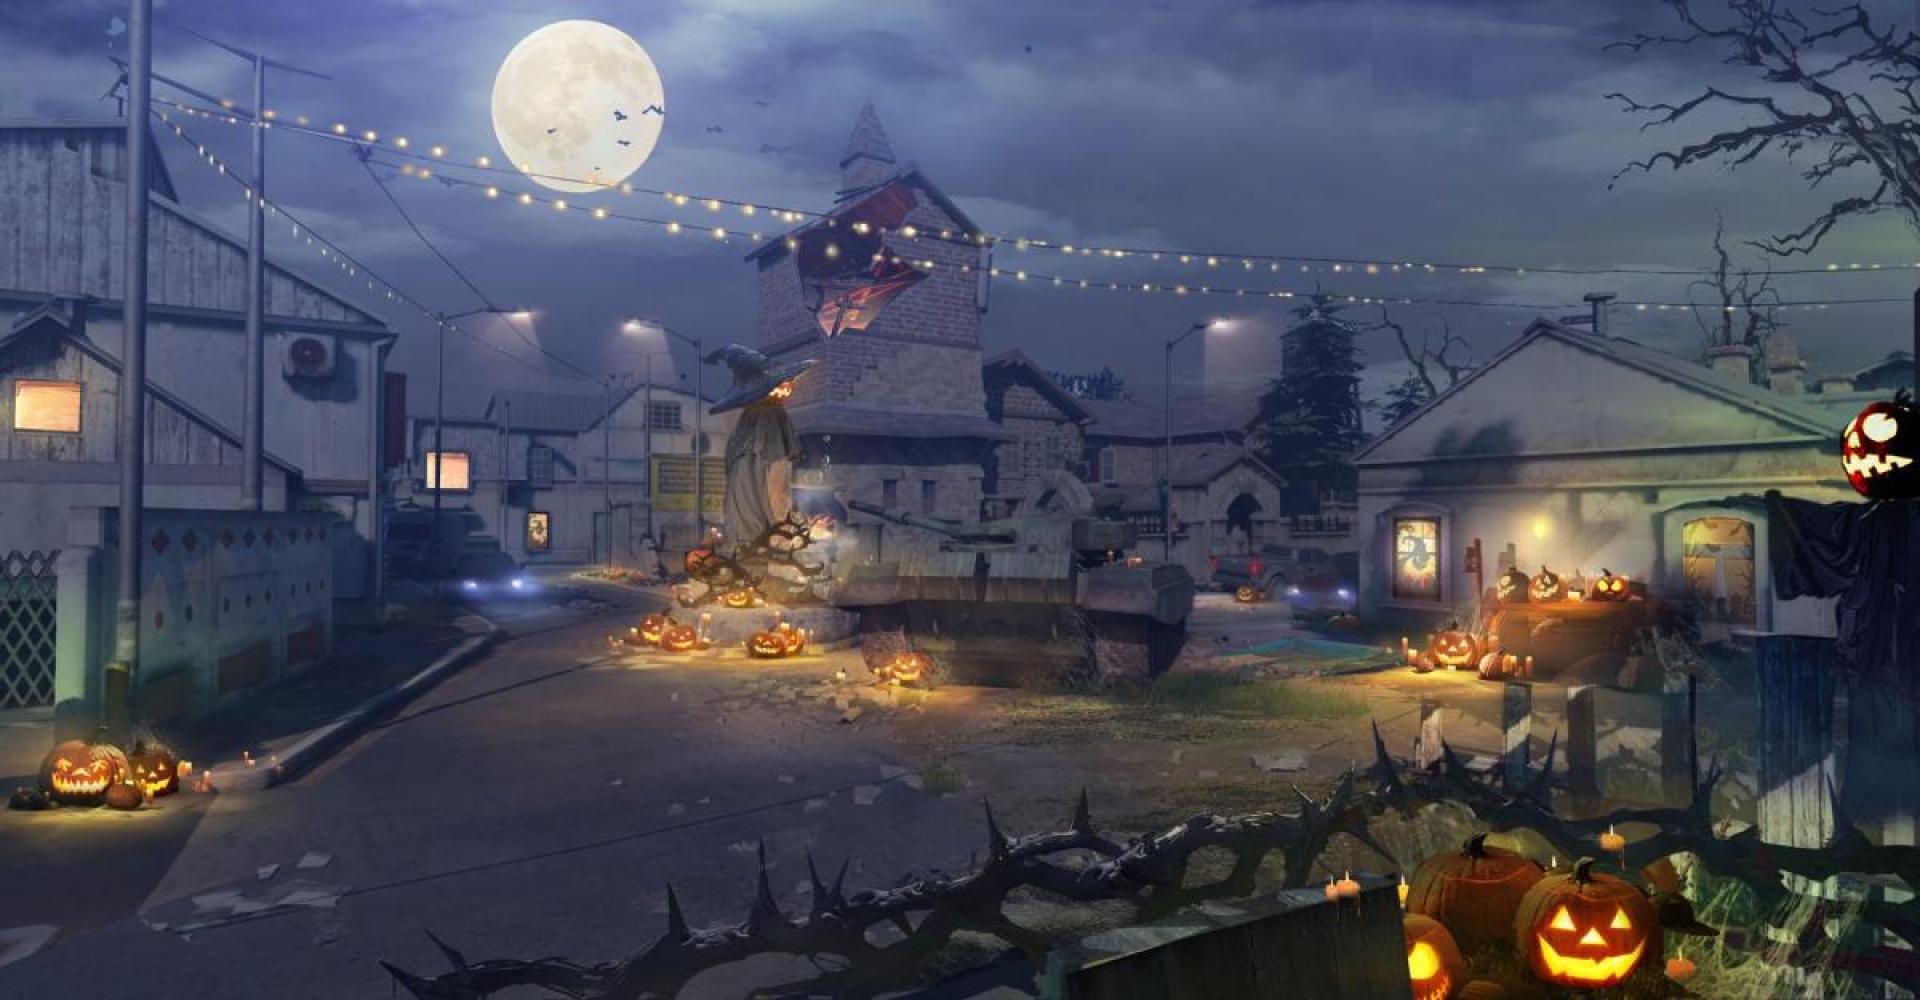 ハロウィン夜間仕様のStandoff